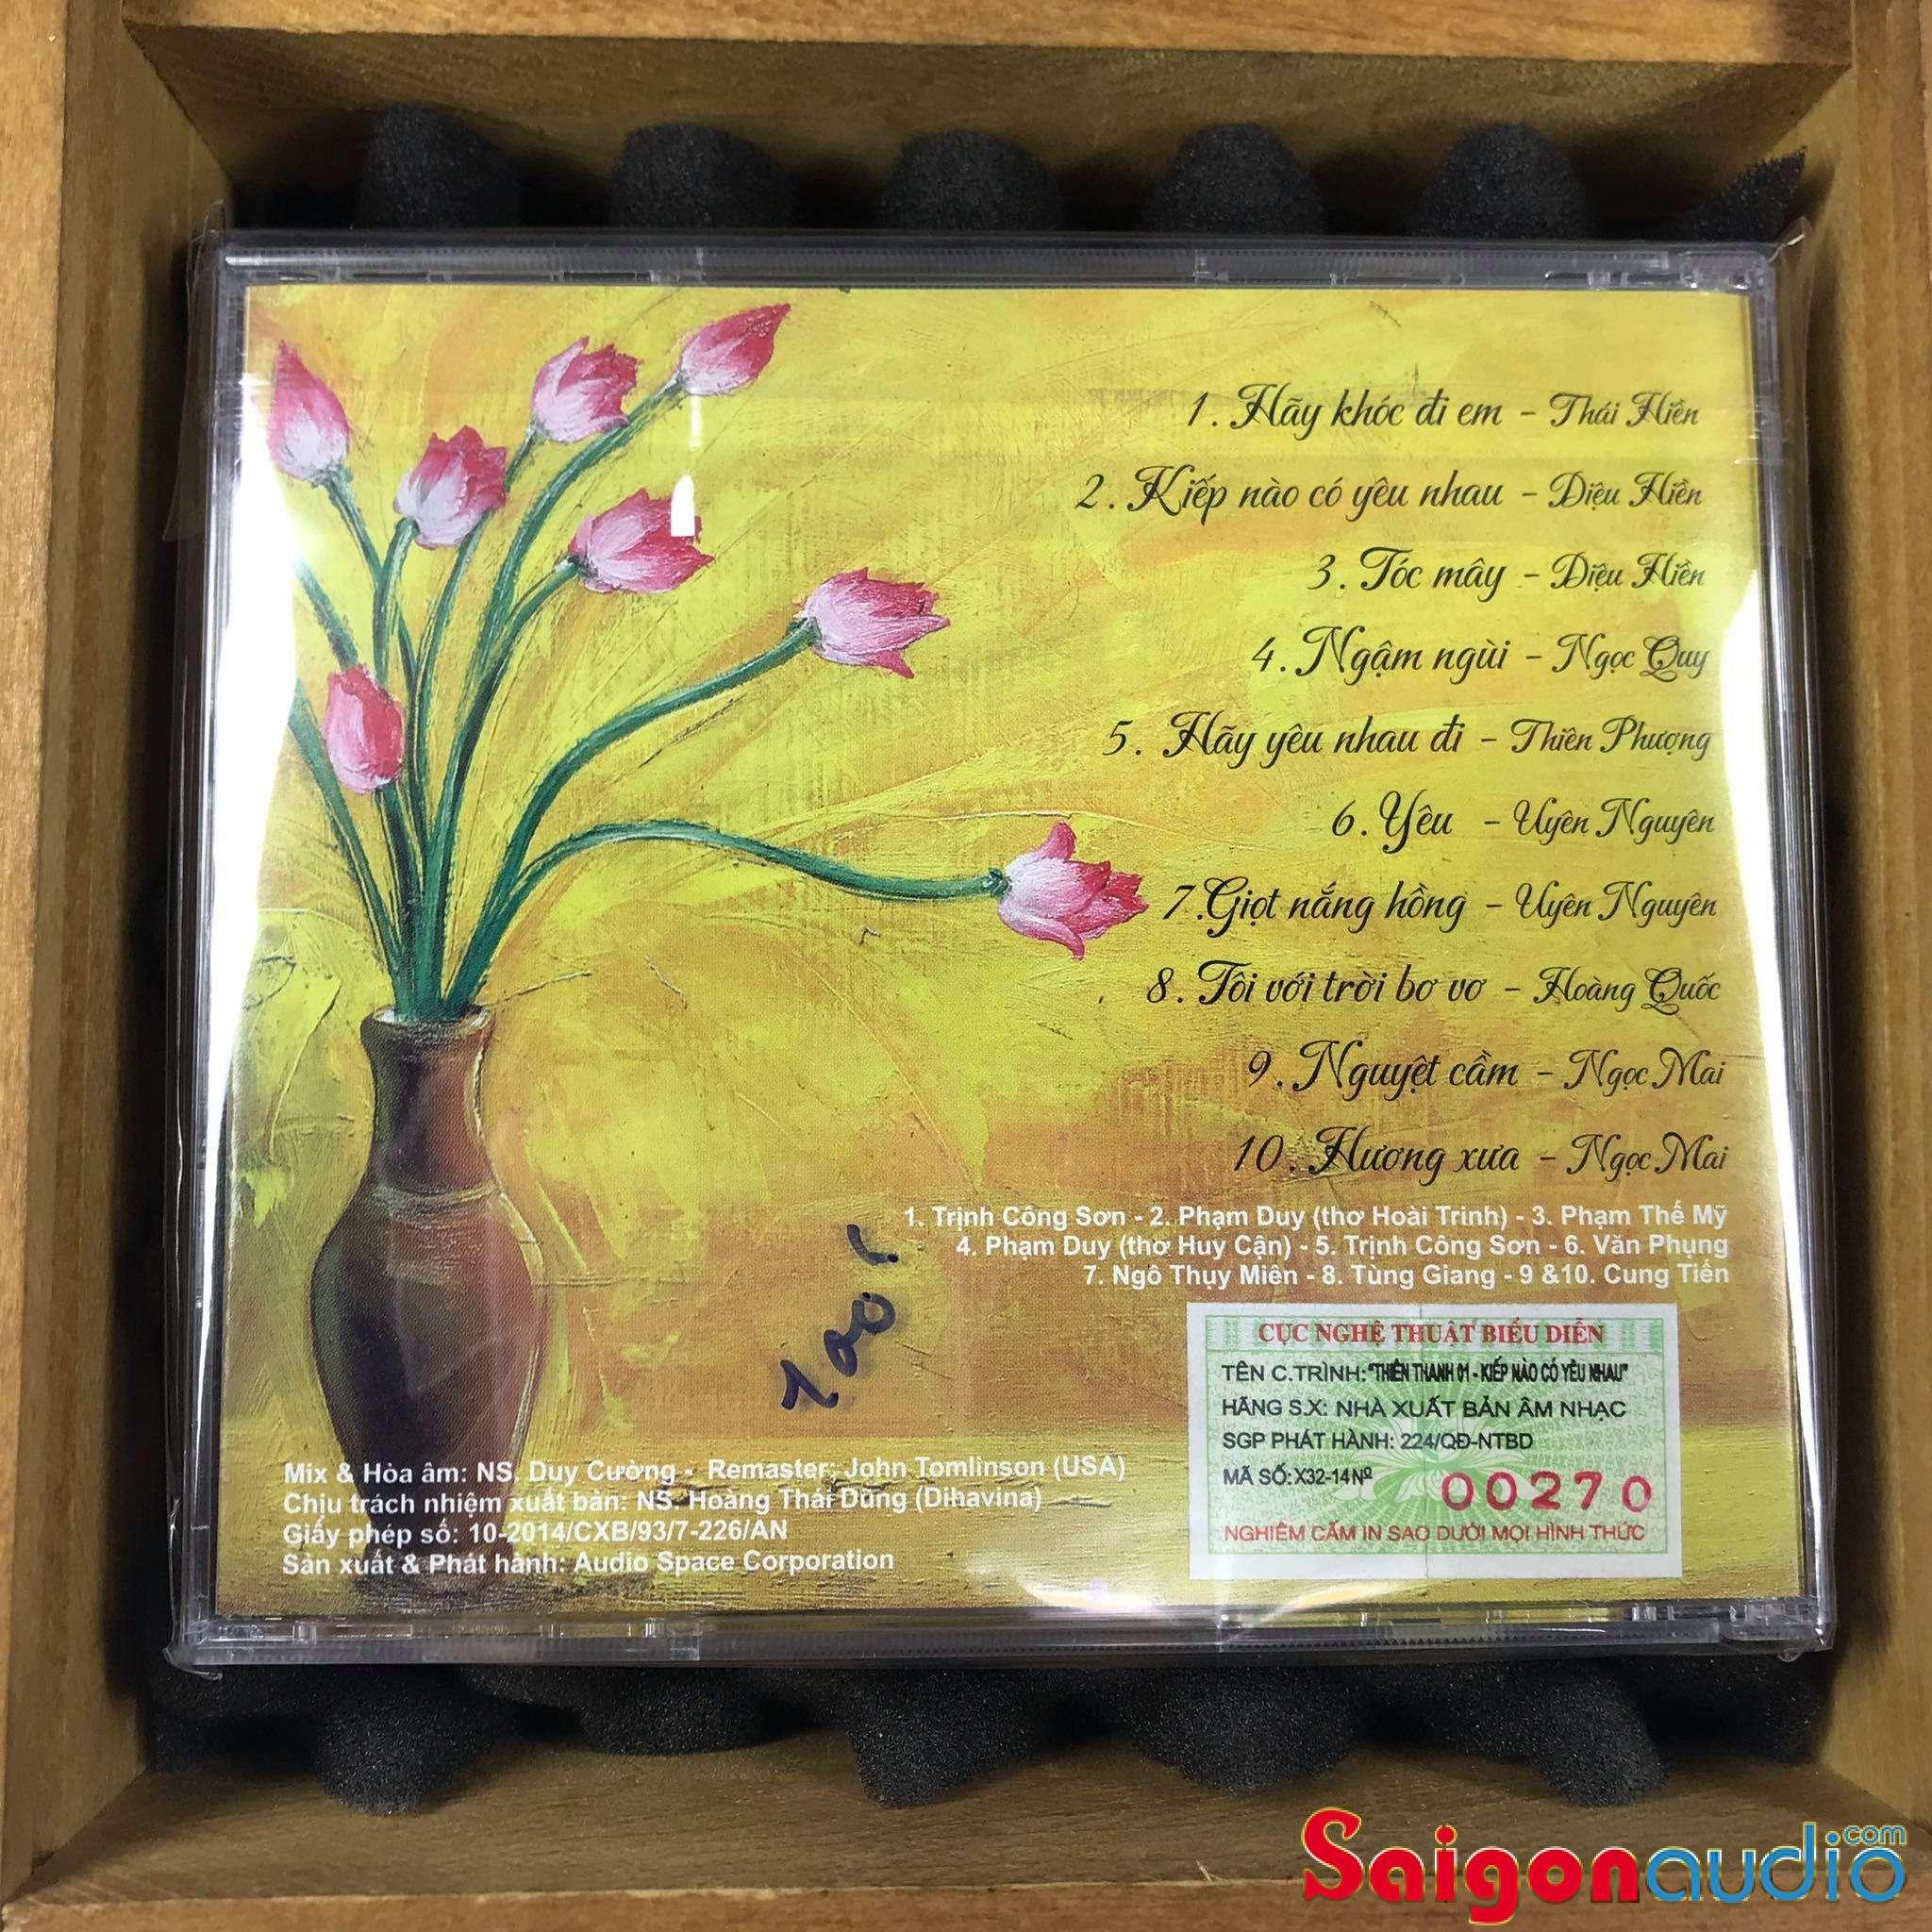 Đĩa CD nhạc gốc Hoà Âm Duy Cường - Kiếp Nào Có Yêu Nhau (Free ship khi mua 2 đĩa CD cùng hoặc khác loại)